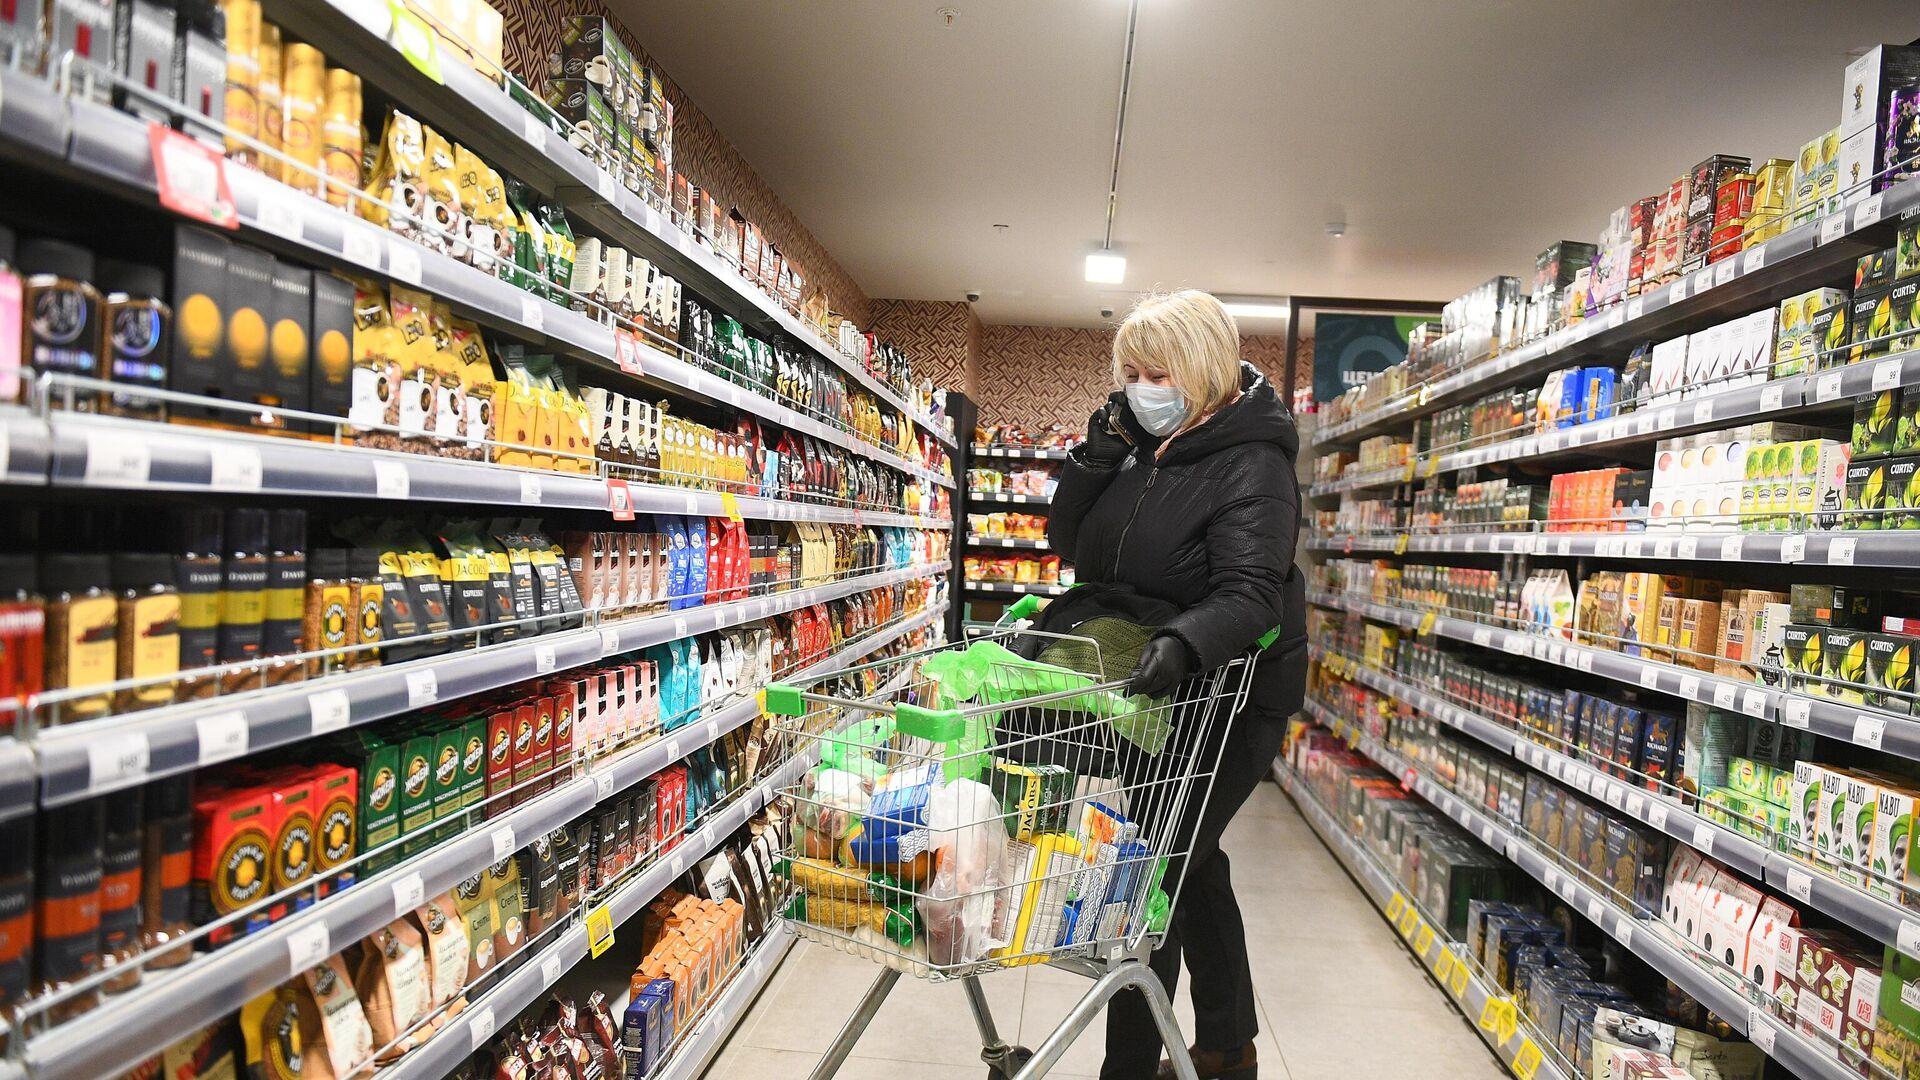 Социальный работник закупает товары для продуктовых наборов пенсионерам в Москве - РИА Новости, 1920, 28.11.2020